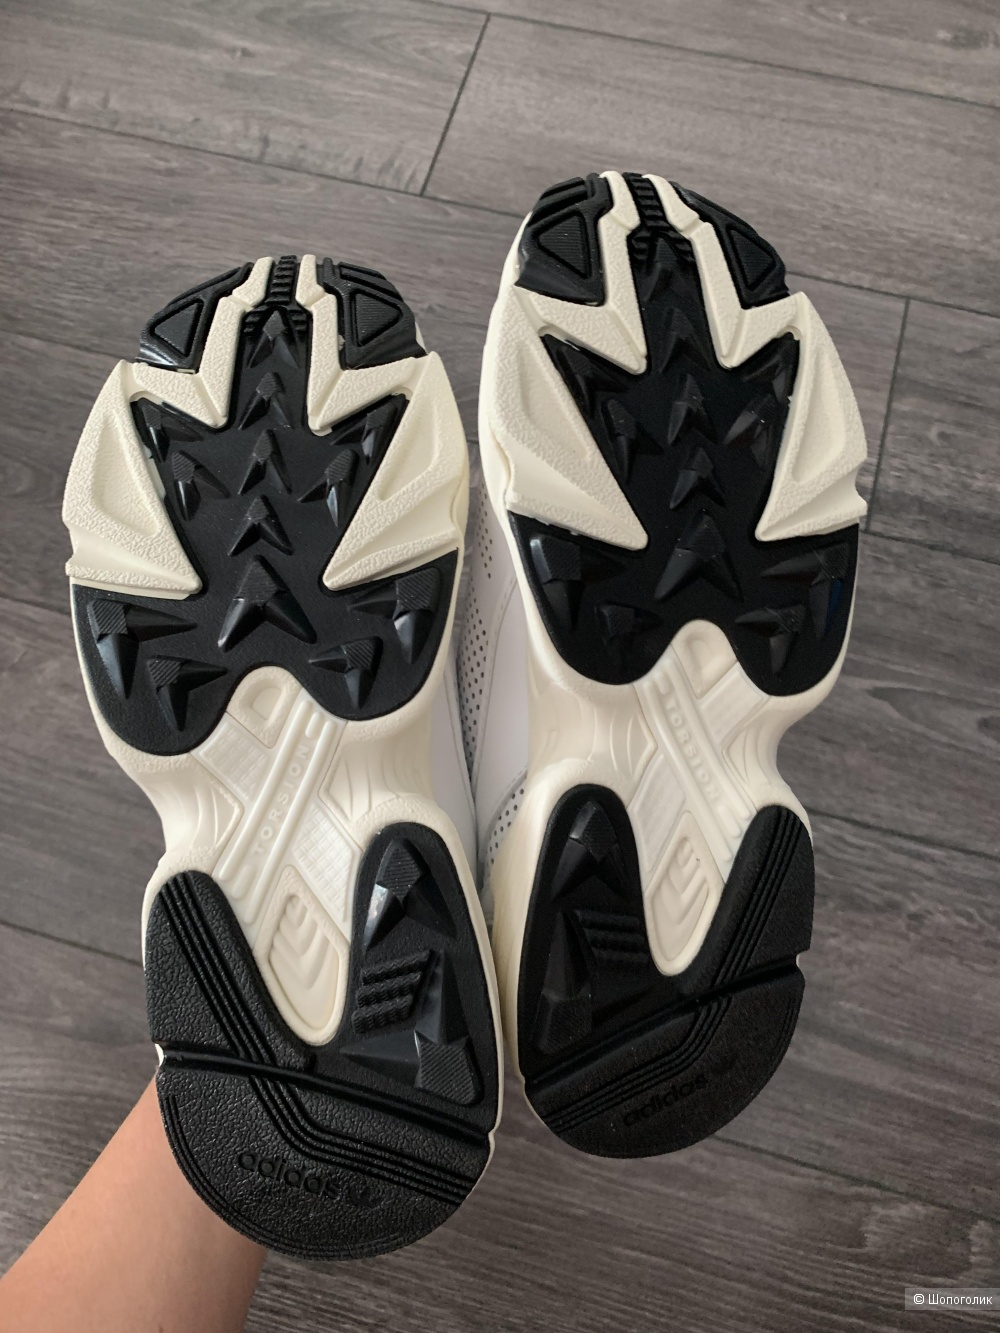 Кроссовки кожаные Adidas originals модель Falcon размер 38 eu / 5 uk